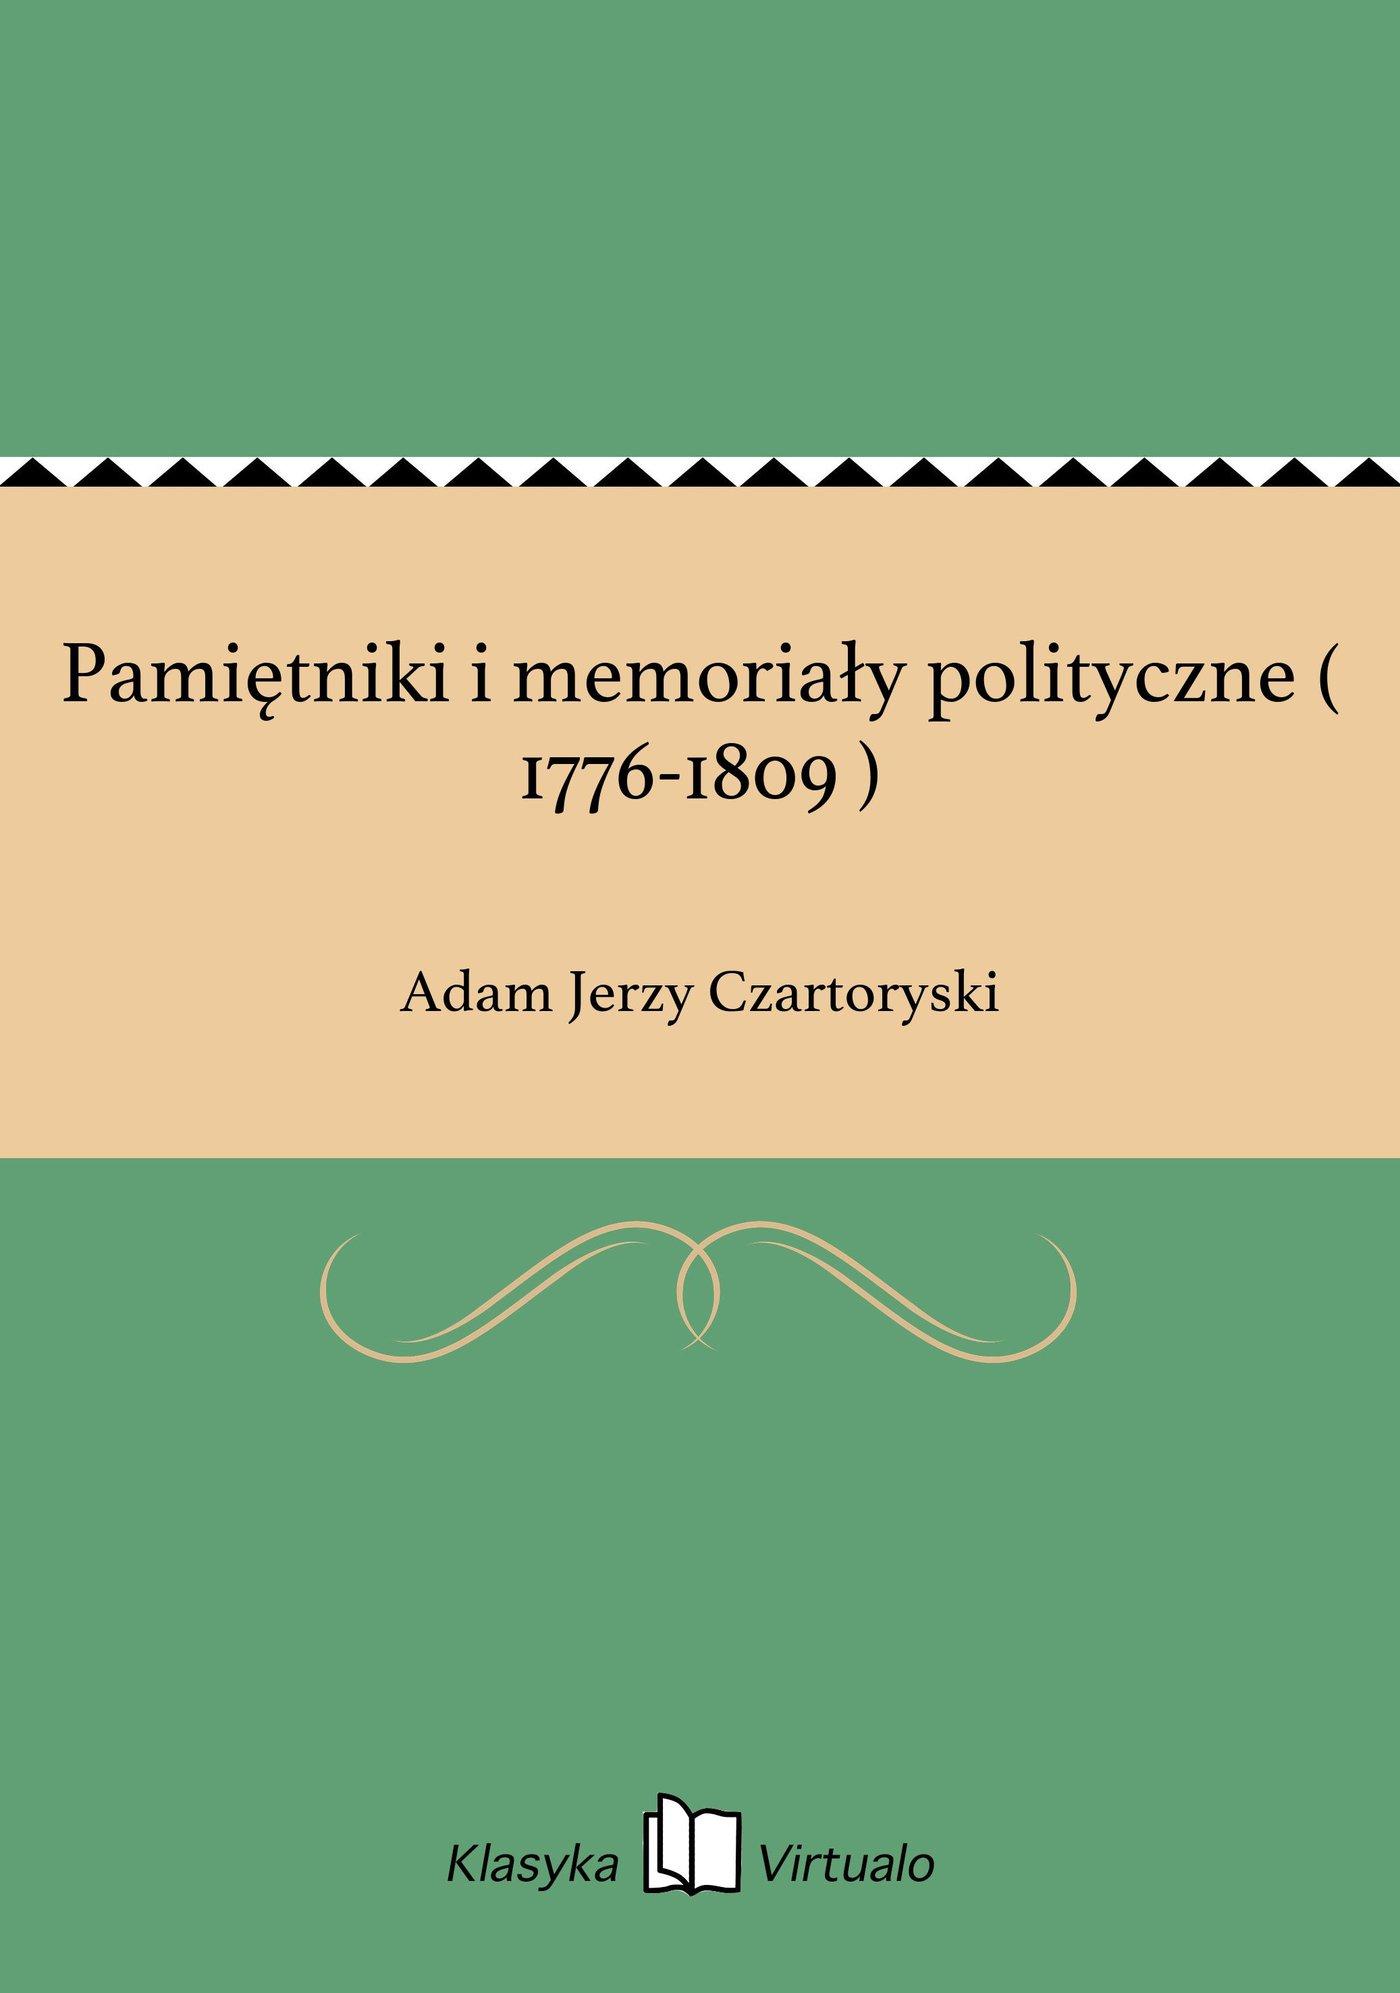 Pamiętniki i memoriały polityczne ( 1776-1809 ) - Ebook (Książka EPUB) do pobrania w formacie EPUB